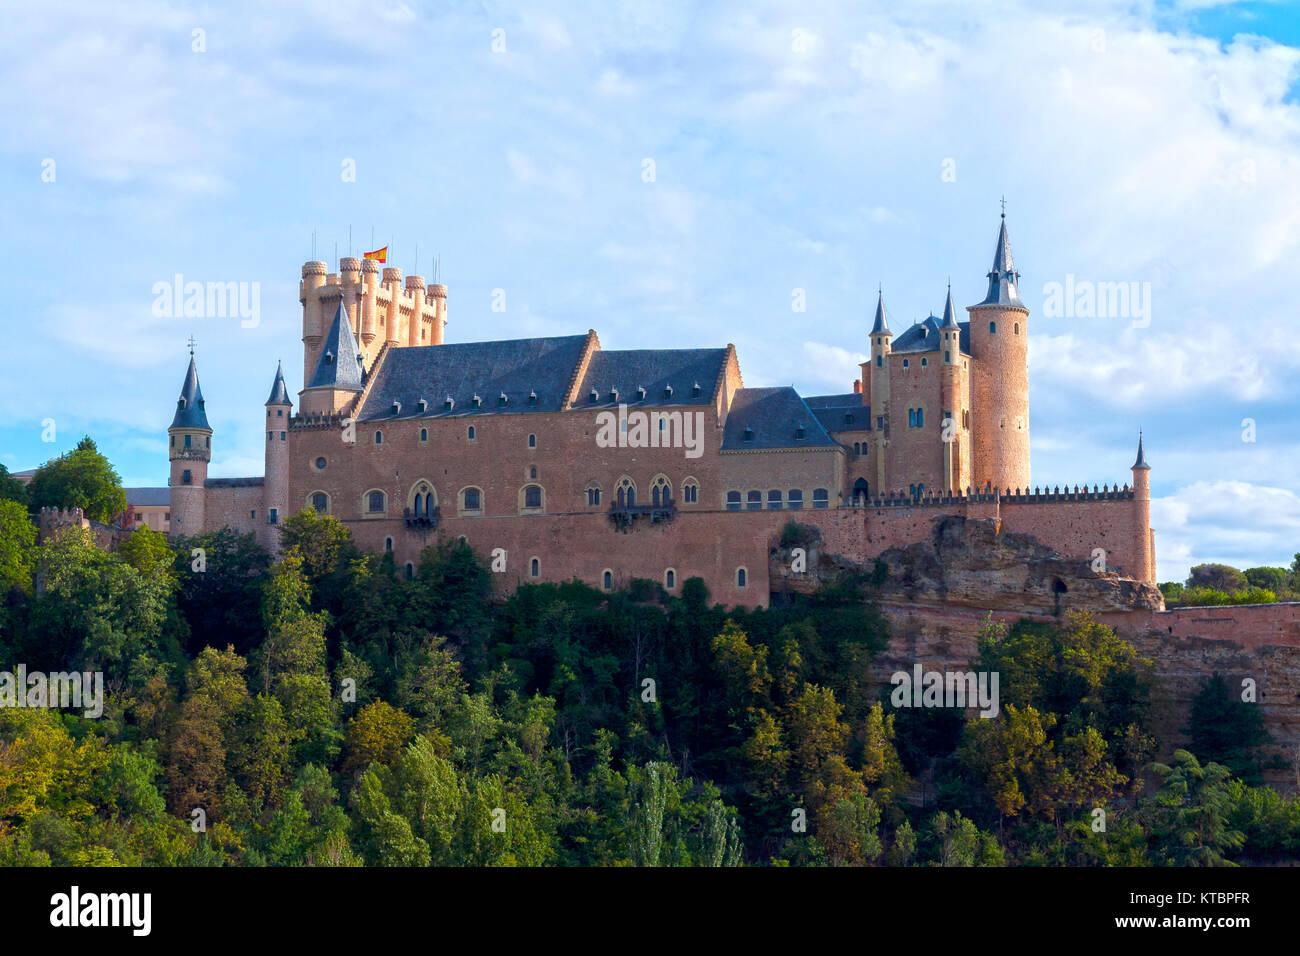 Alcázar de Segovia. Castilla León. España. Ciudad patrimonio de la humanidad. Unesco. - Stock Image